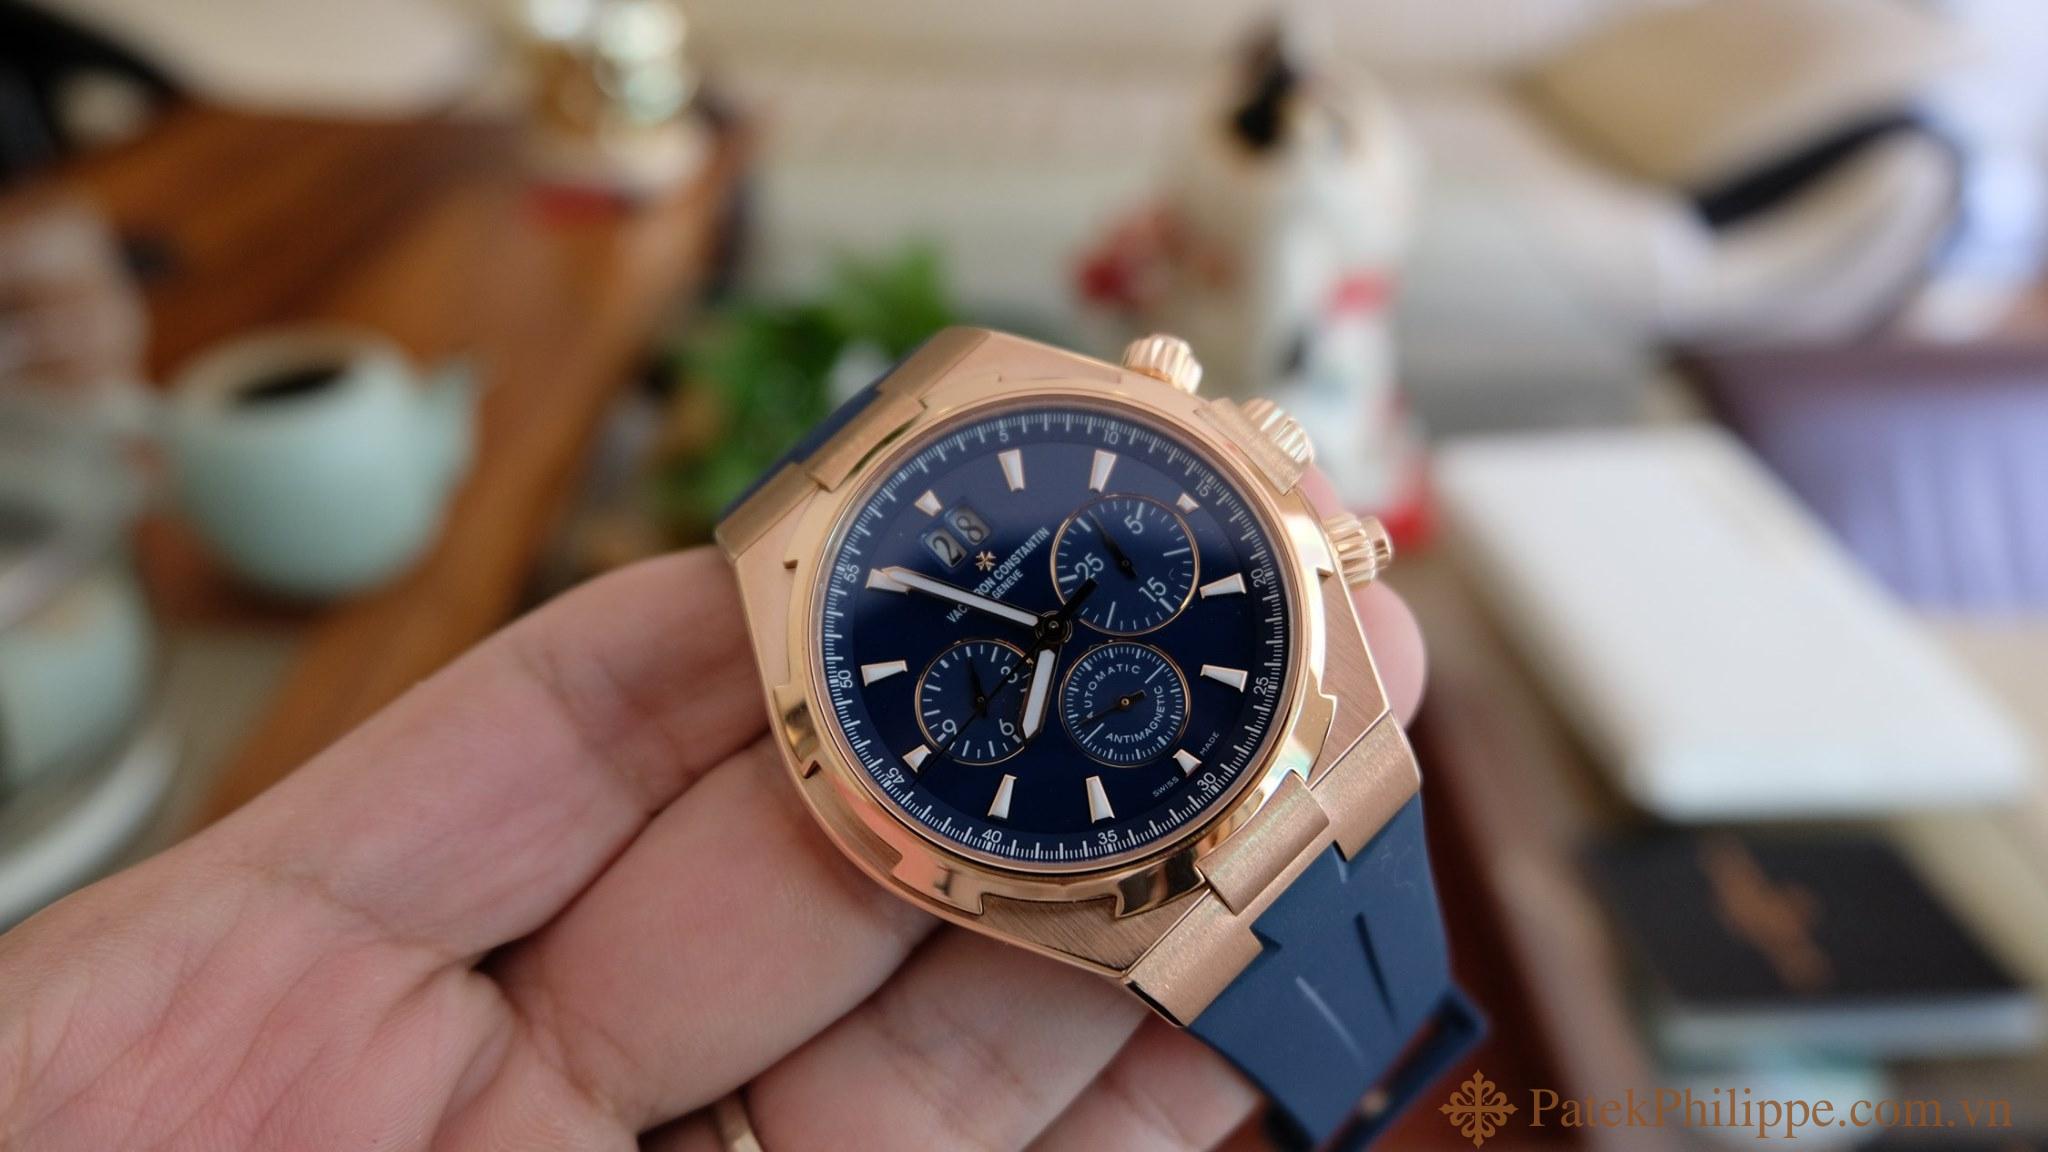 vacheron-constantin-overseas-rose-gold-chronograph 1 2.jpg